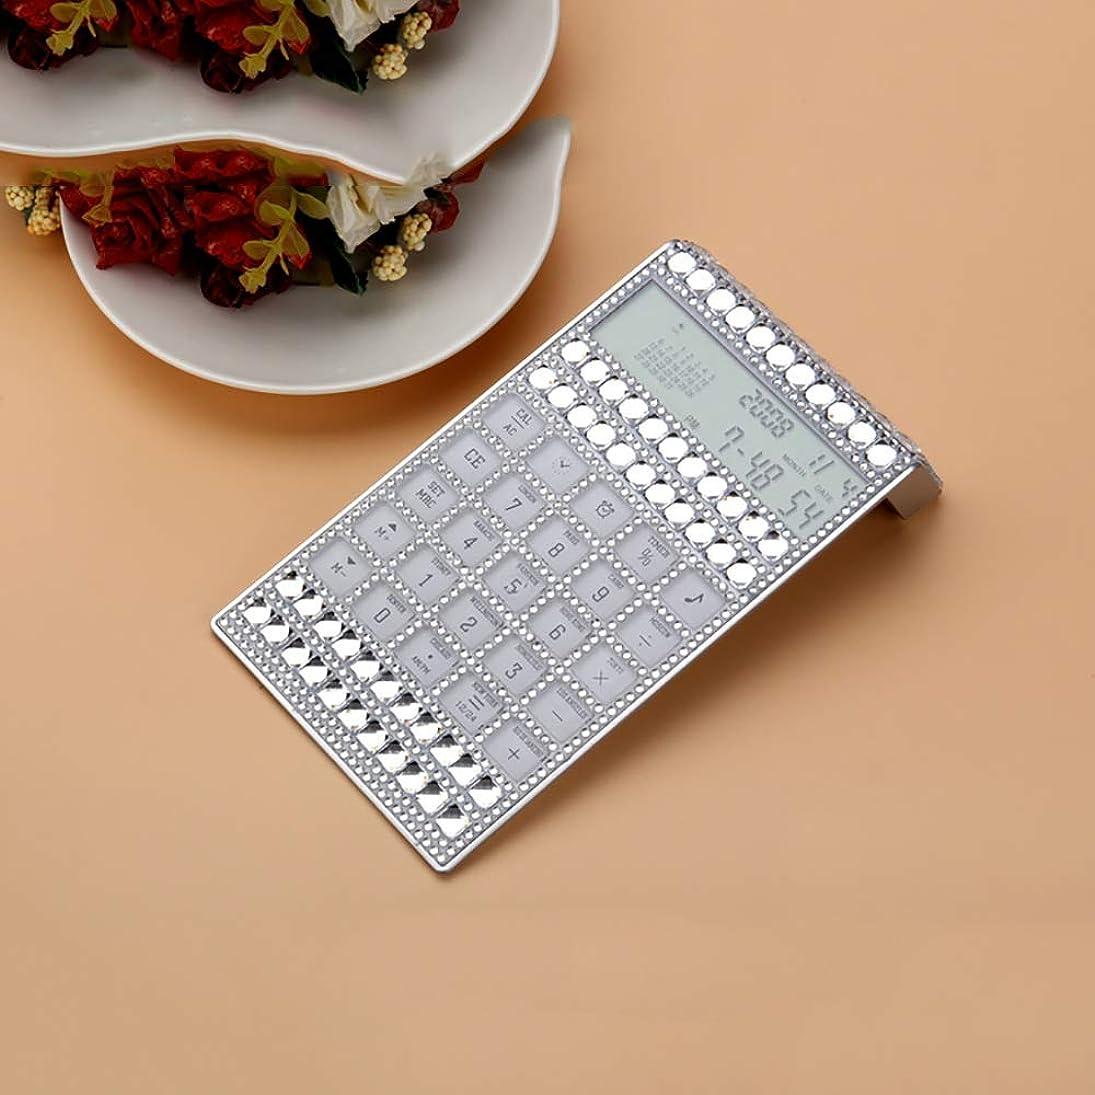 見通しアルプス存在する多機能 竹製電卓 象眼細工のラインストーン計算機多機能超薄型ガールモデル (色 : 銀)